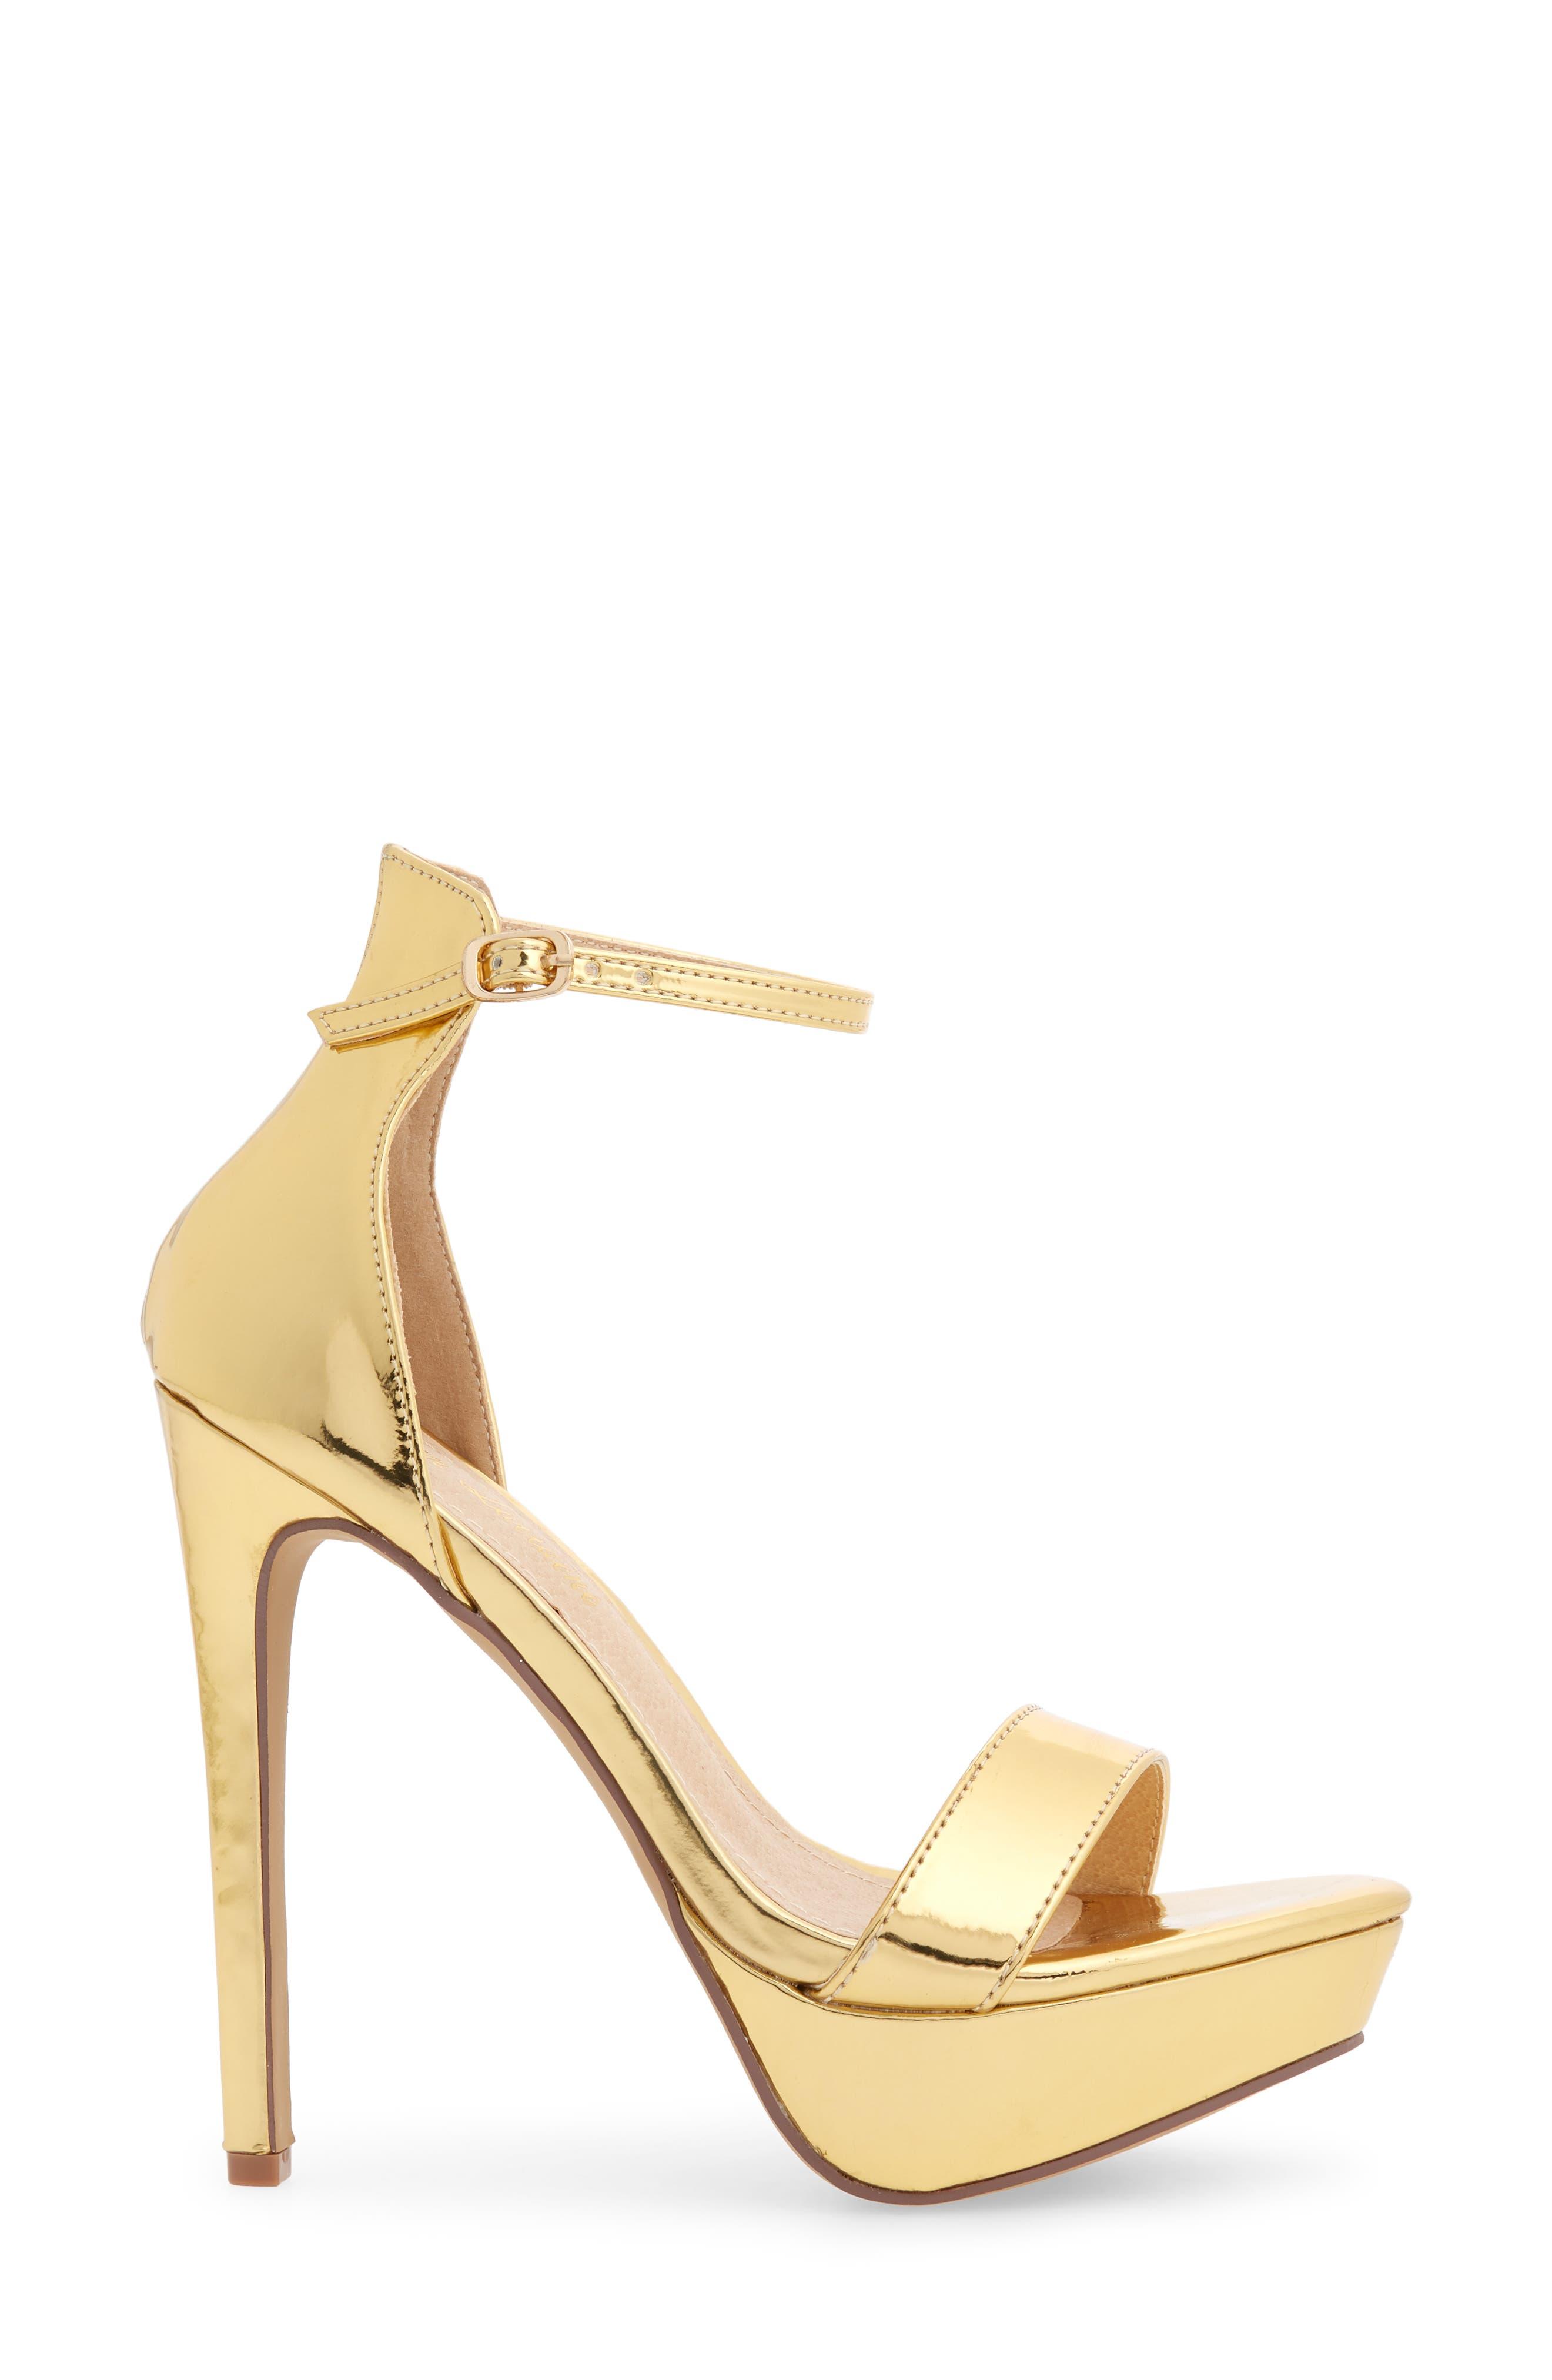 Darlene Platform Sandal,                             Alternate thumbnail 3, color,                             Gold